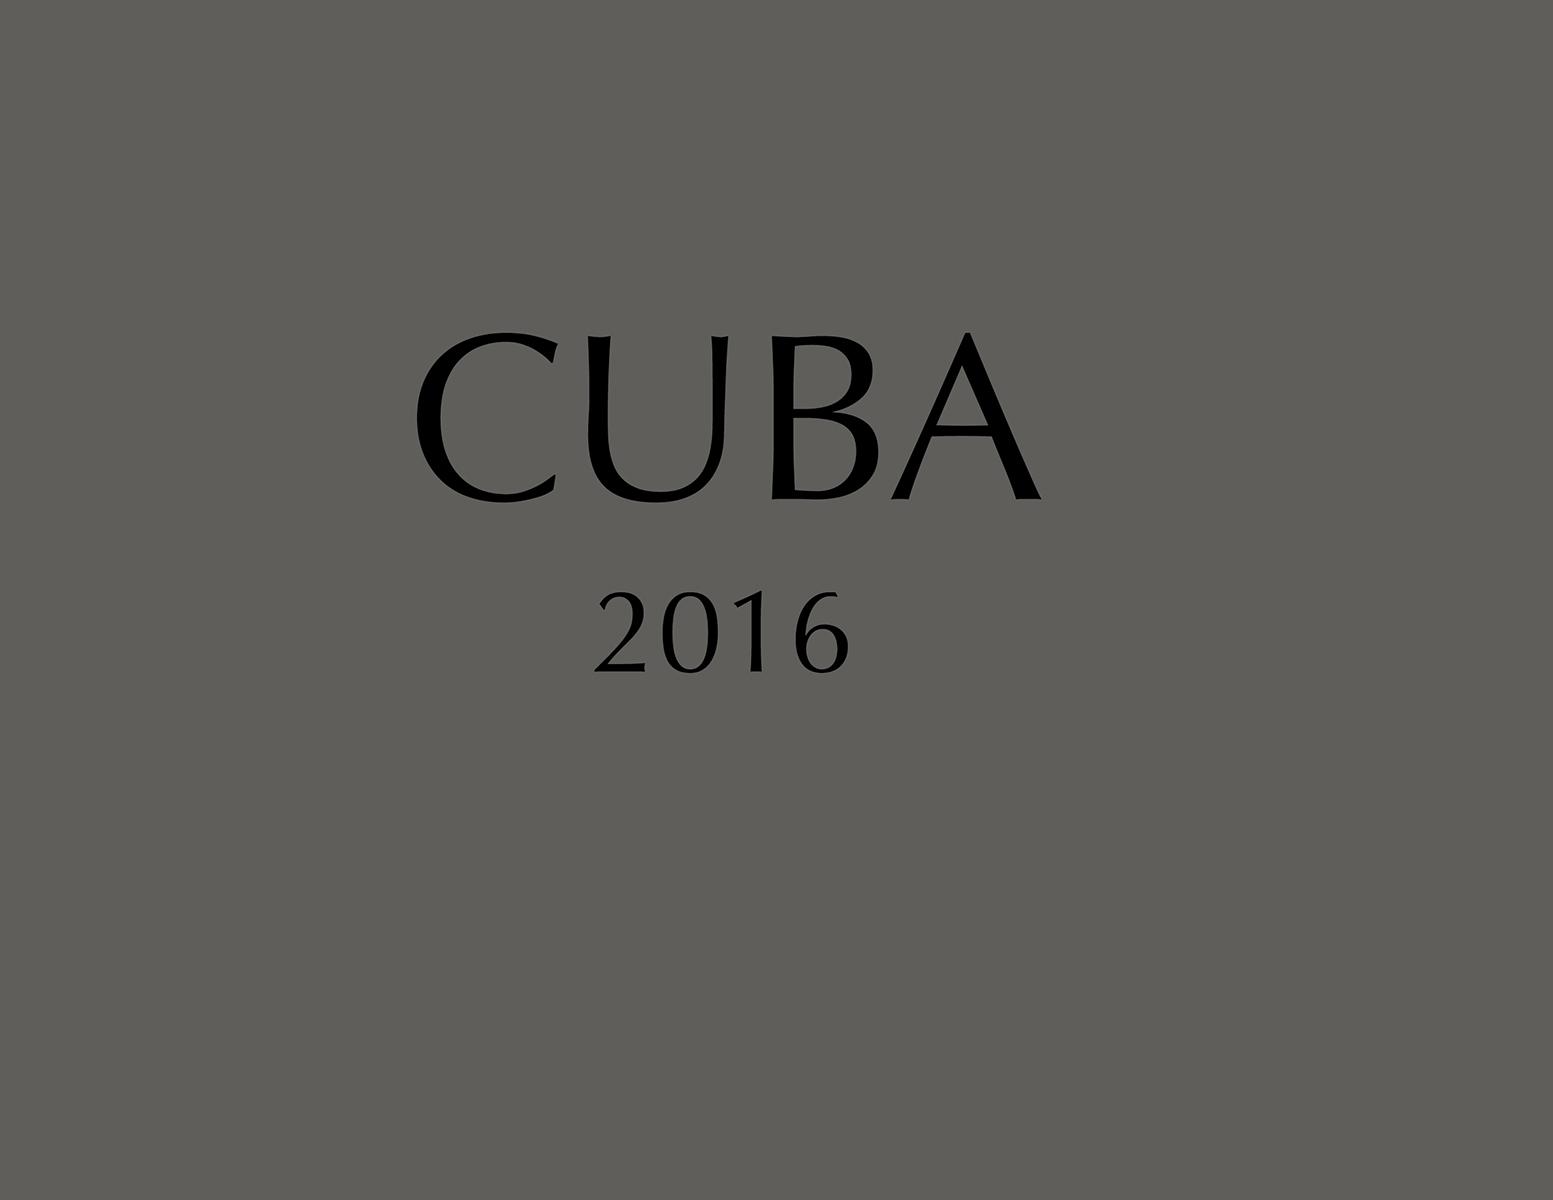 cuba_title